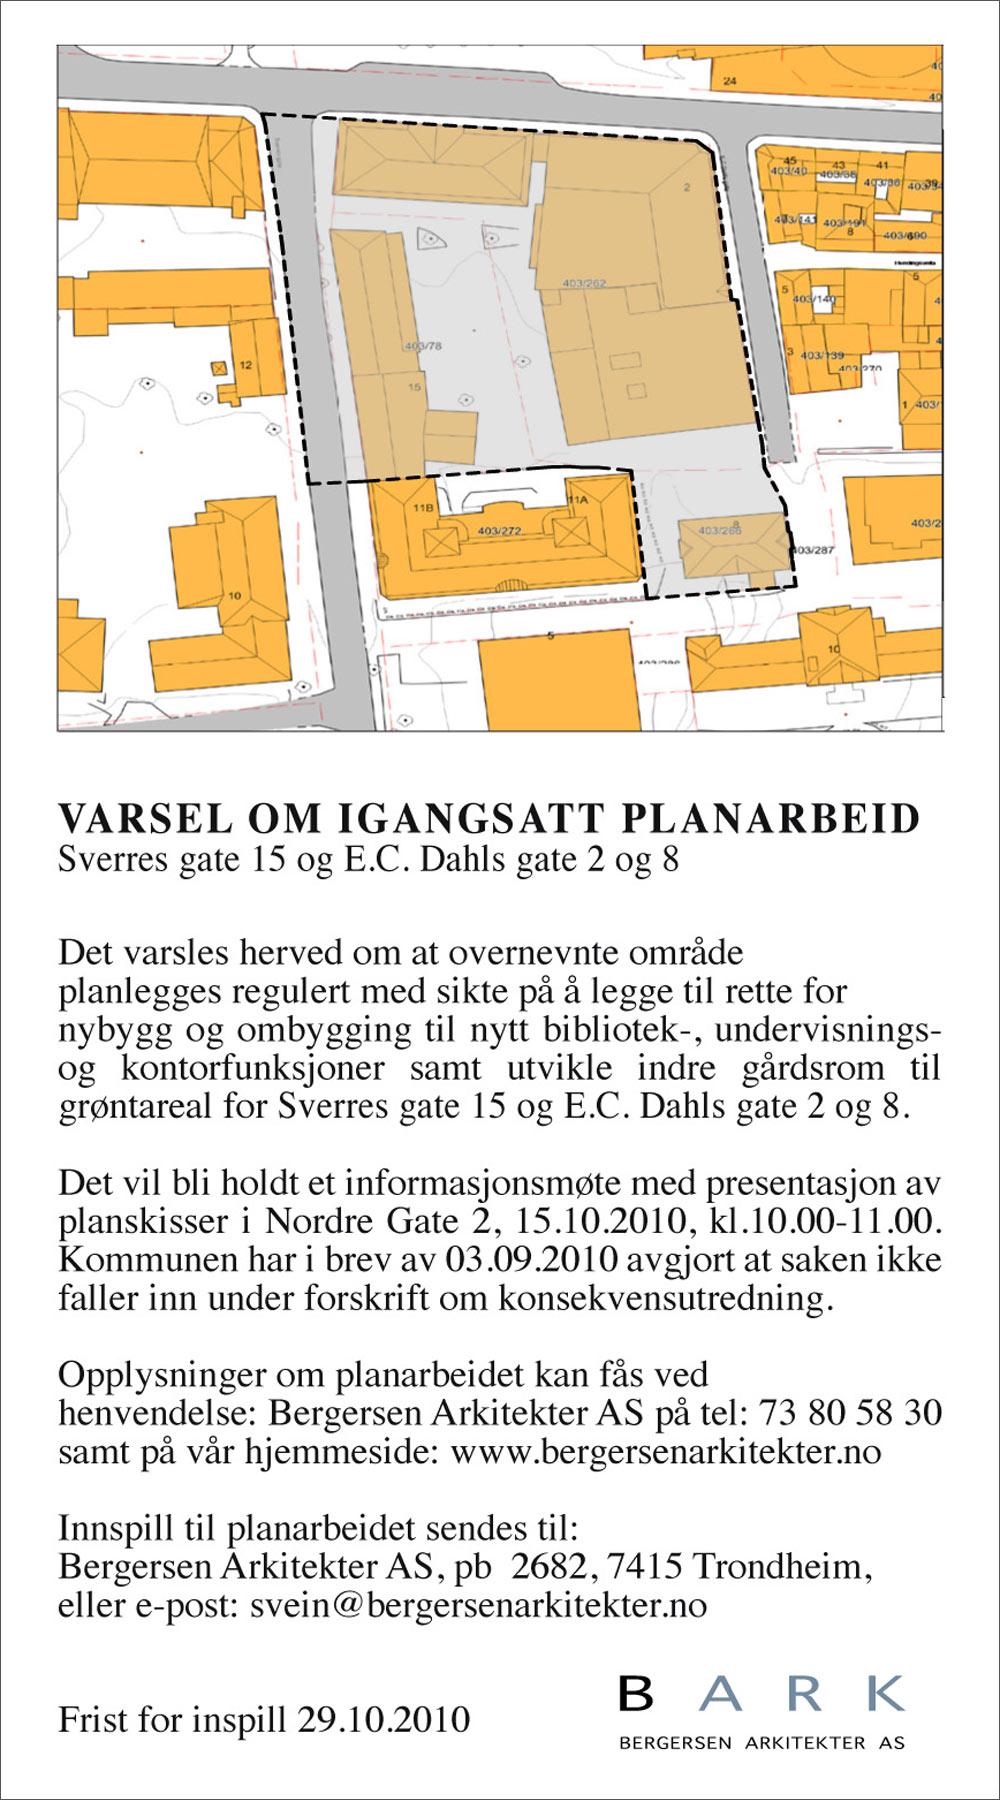 kunngjoring_sverres_gate_15_ec_dahls_gate_2_og_8